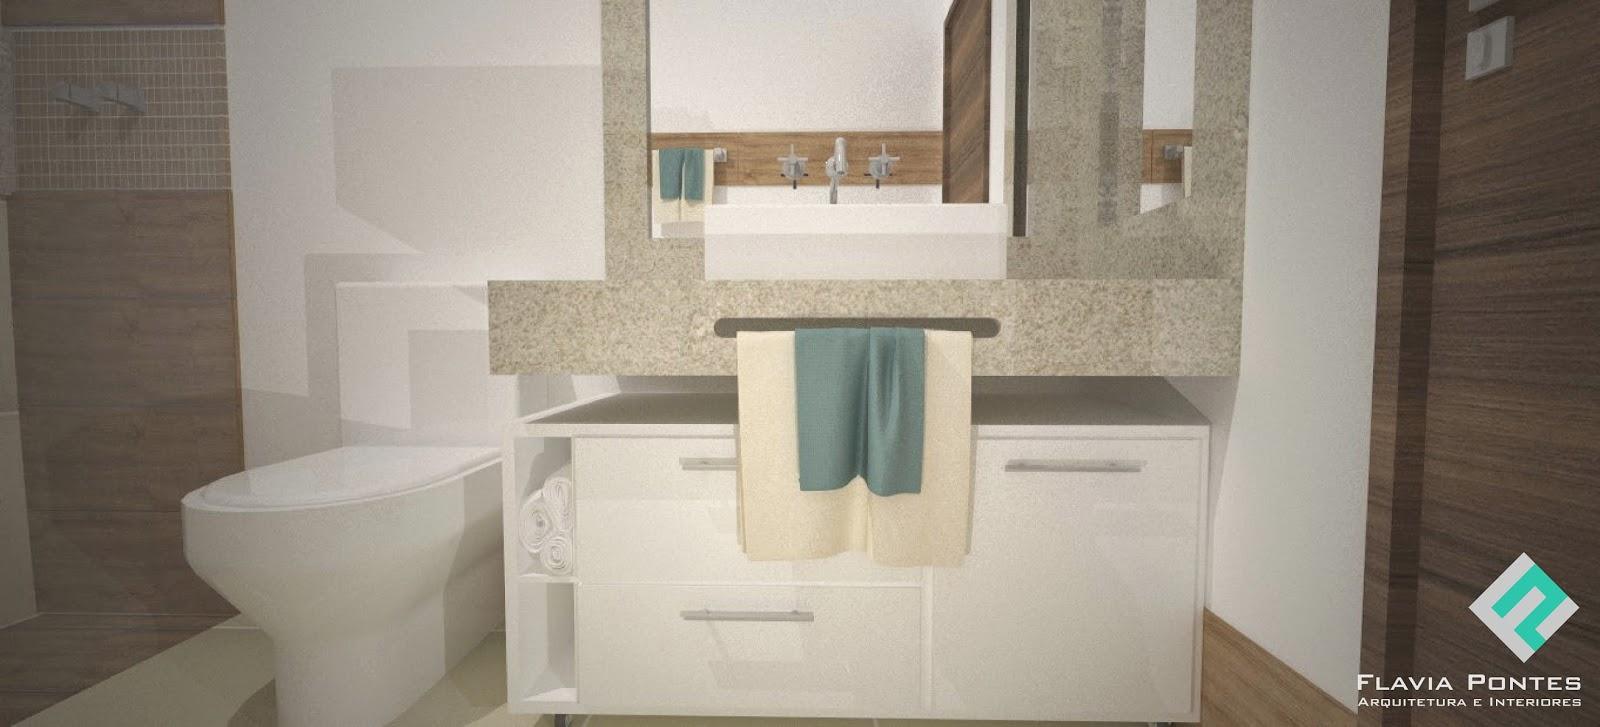 Nicho banheiro moldura obtenha uma imagem de for Best bathrooms 4 u